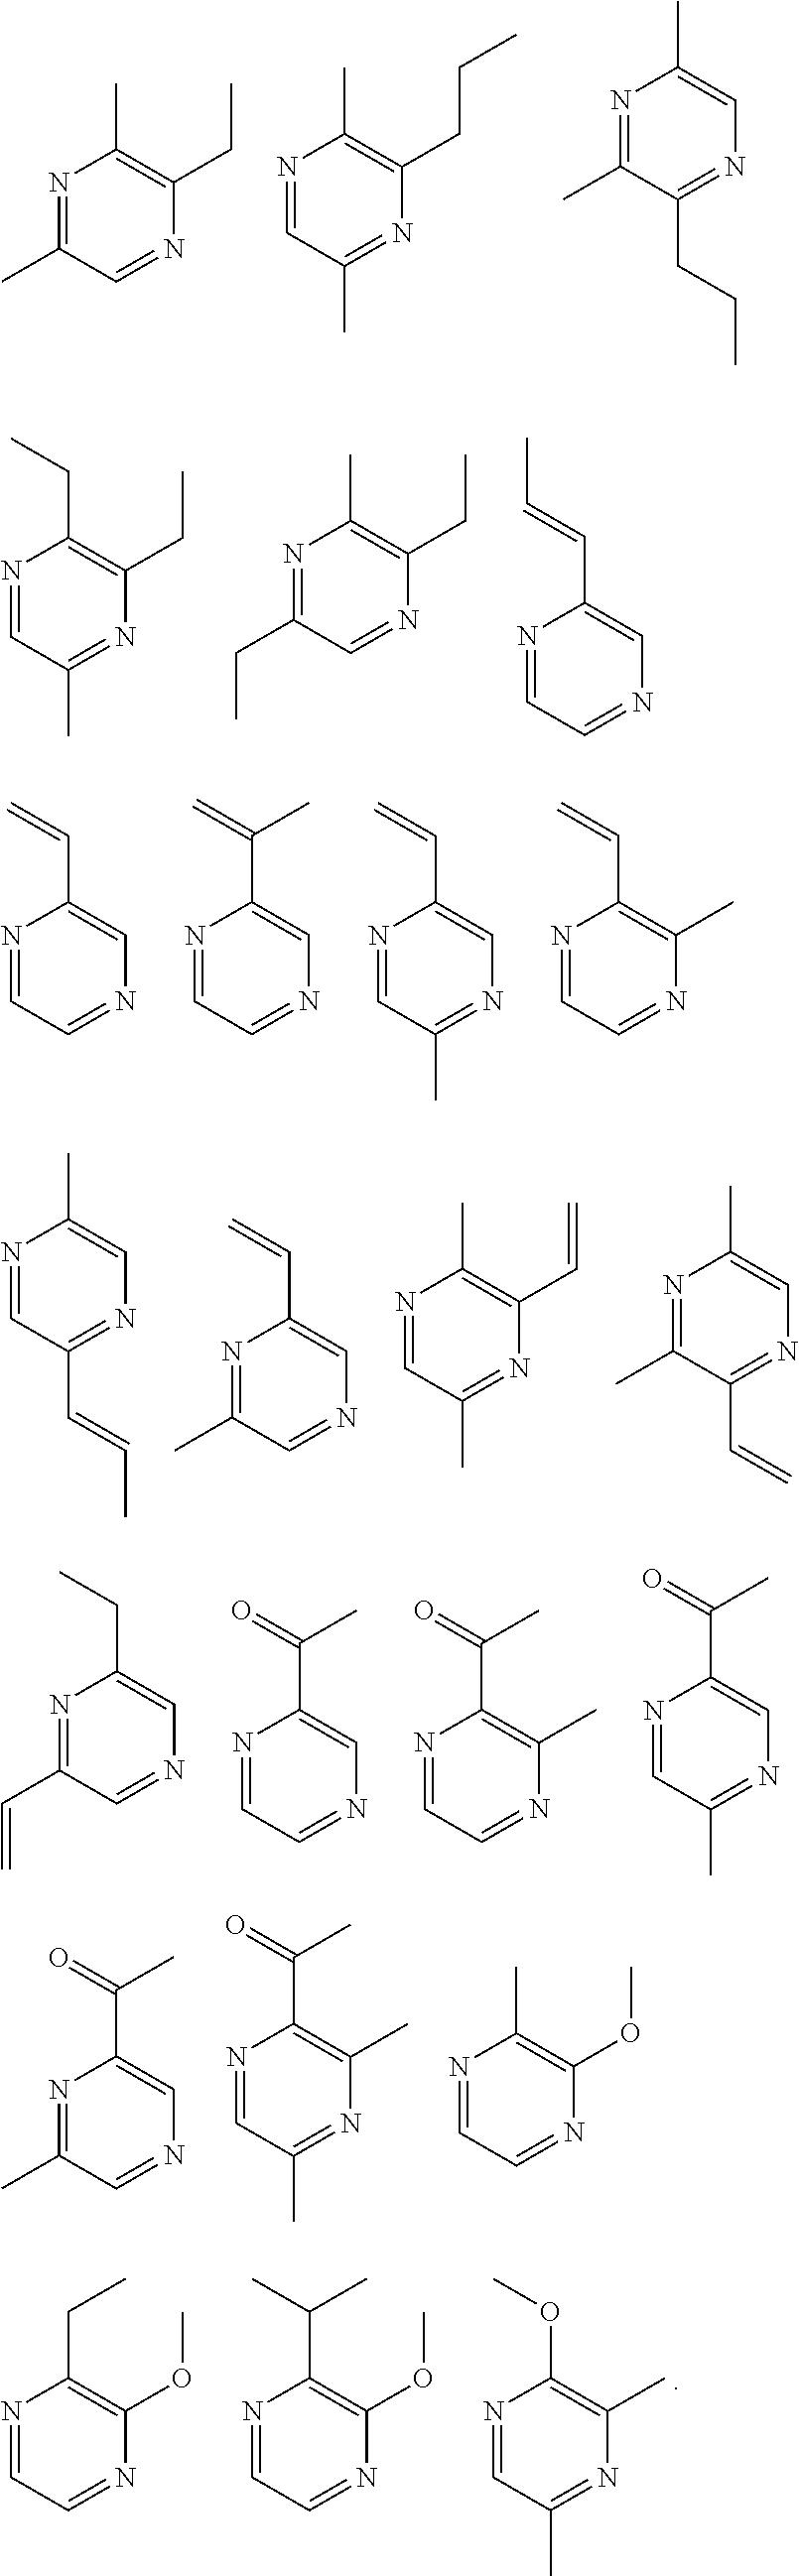 Figure US09962344-20180508-C00129